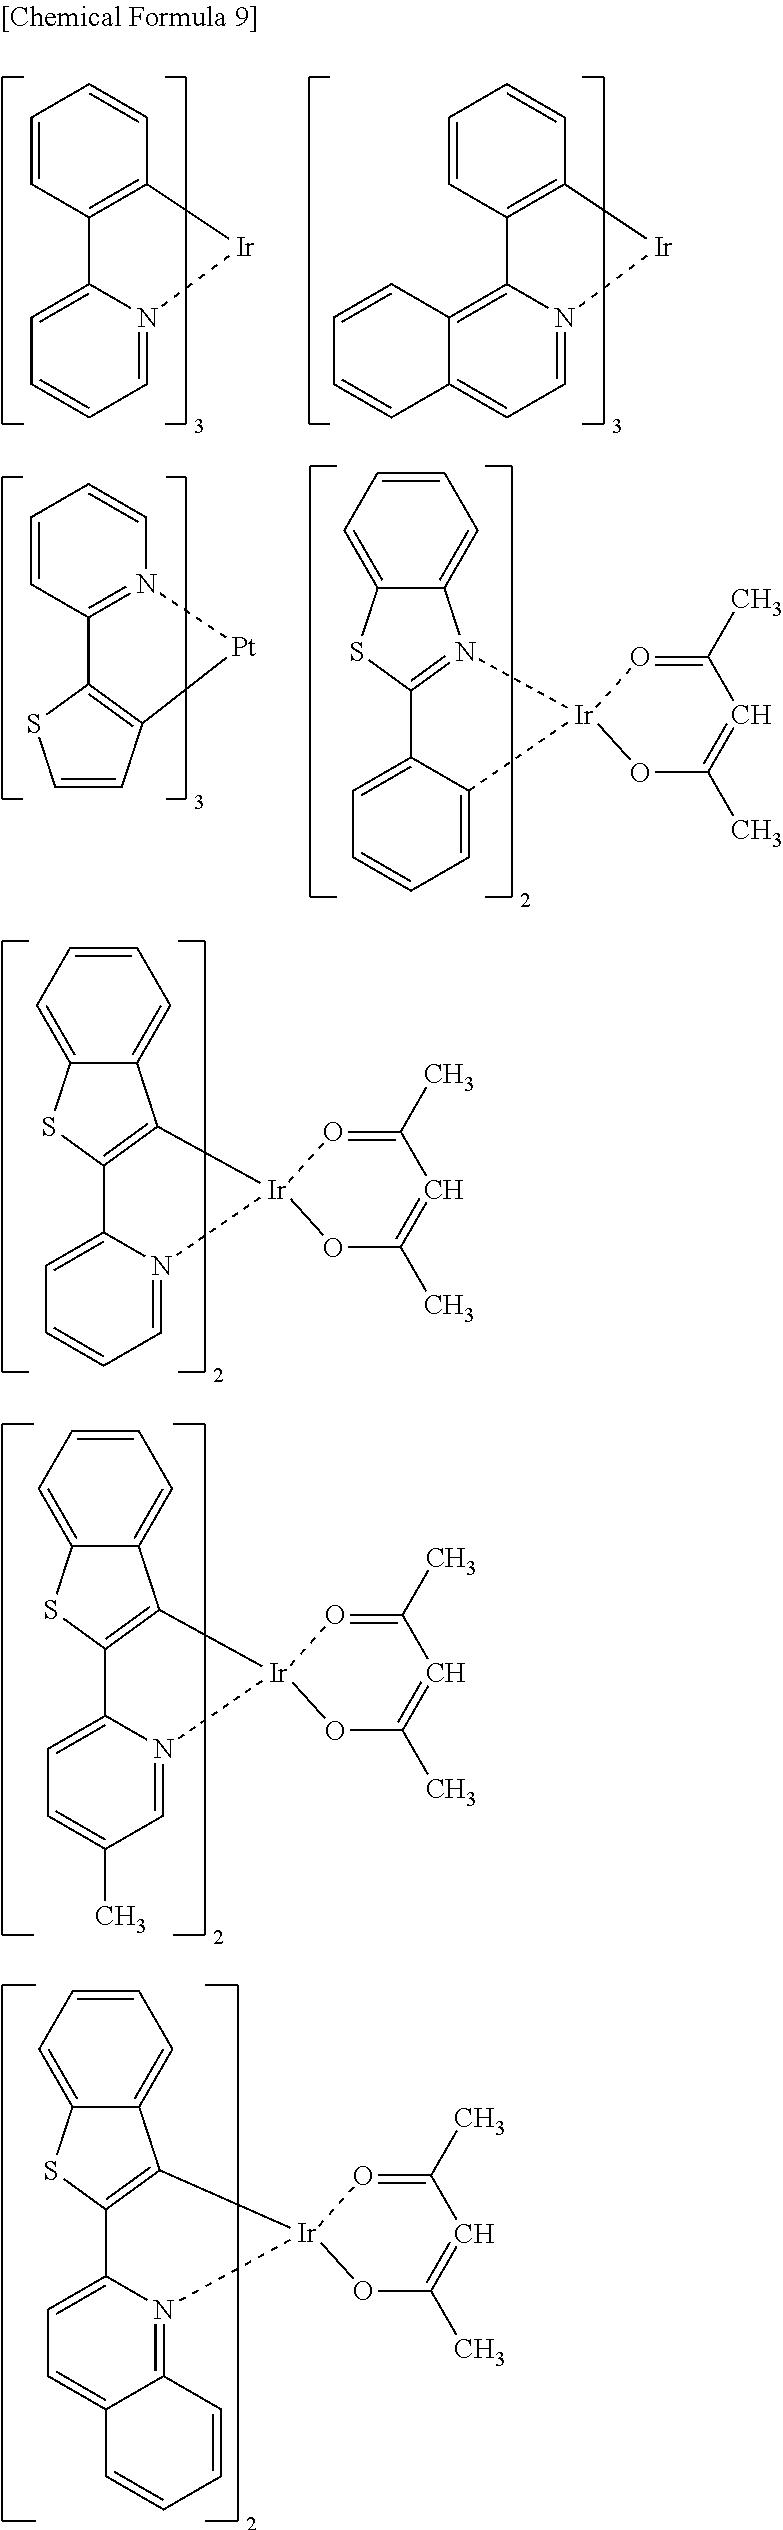 Figure US20110215312A1-20110908-C00009